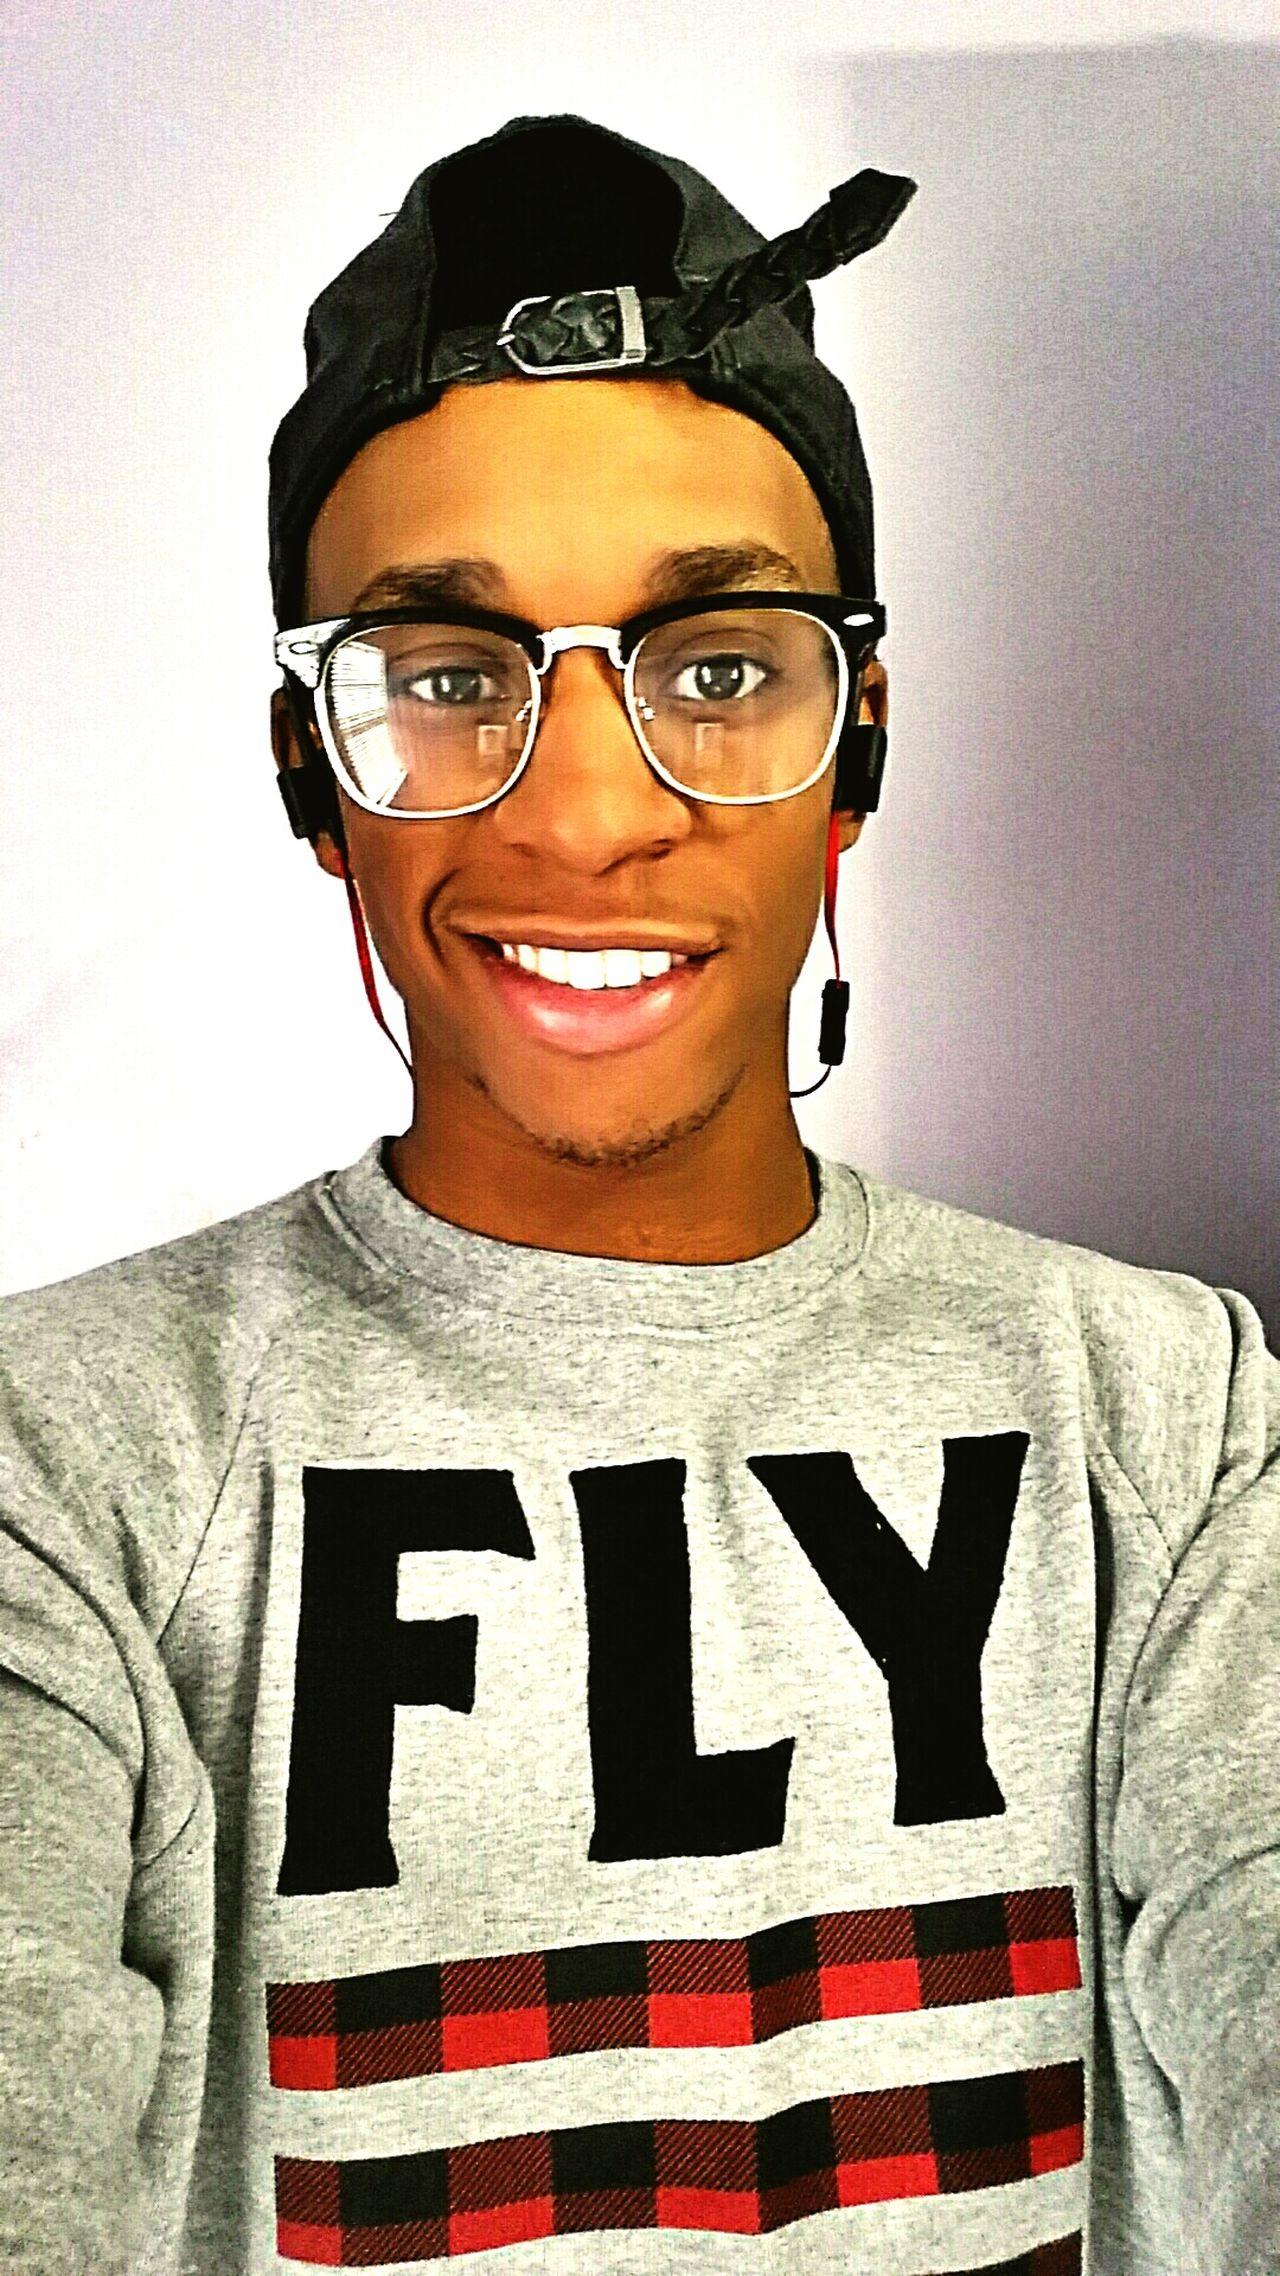 FlyGuy